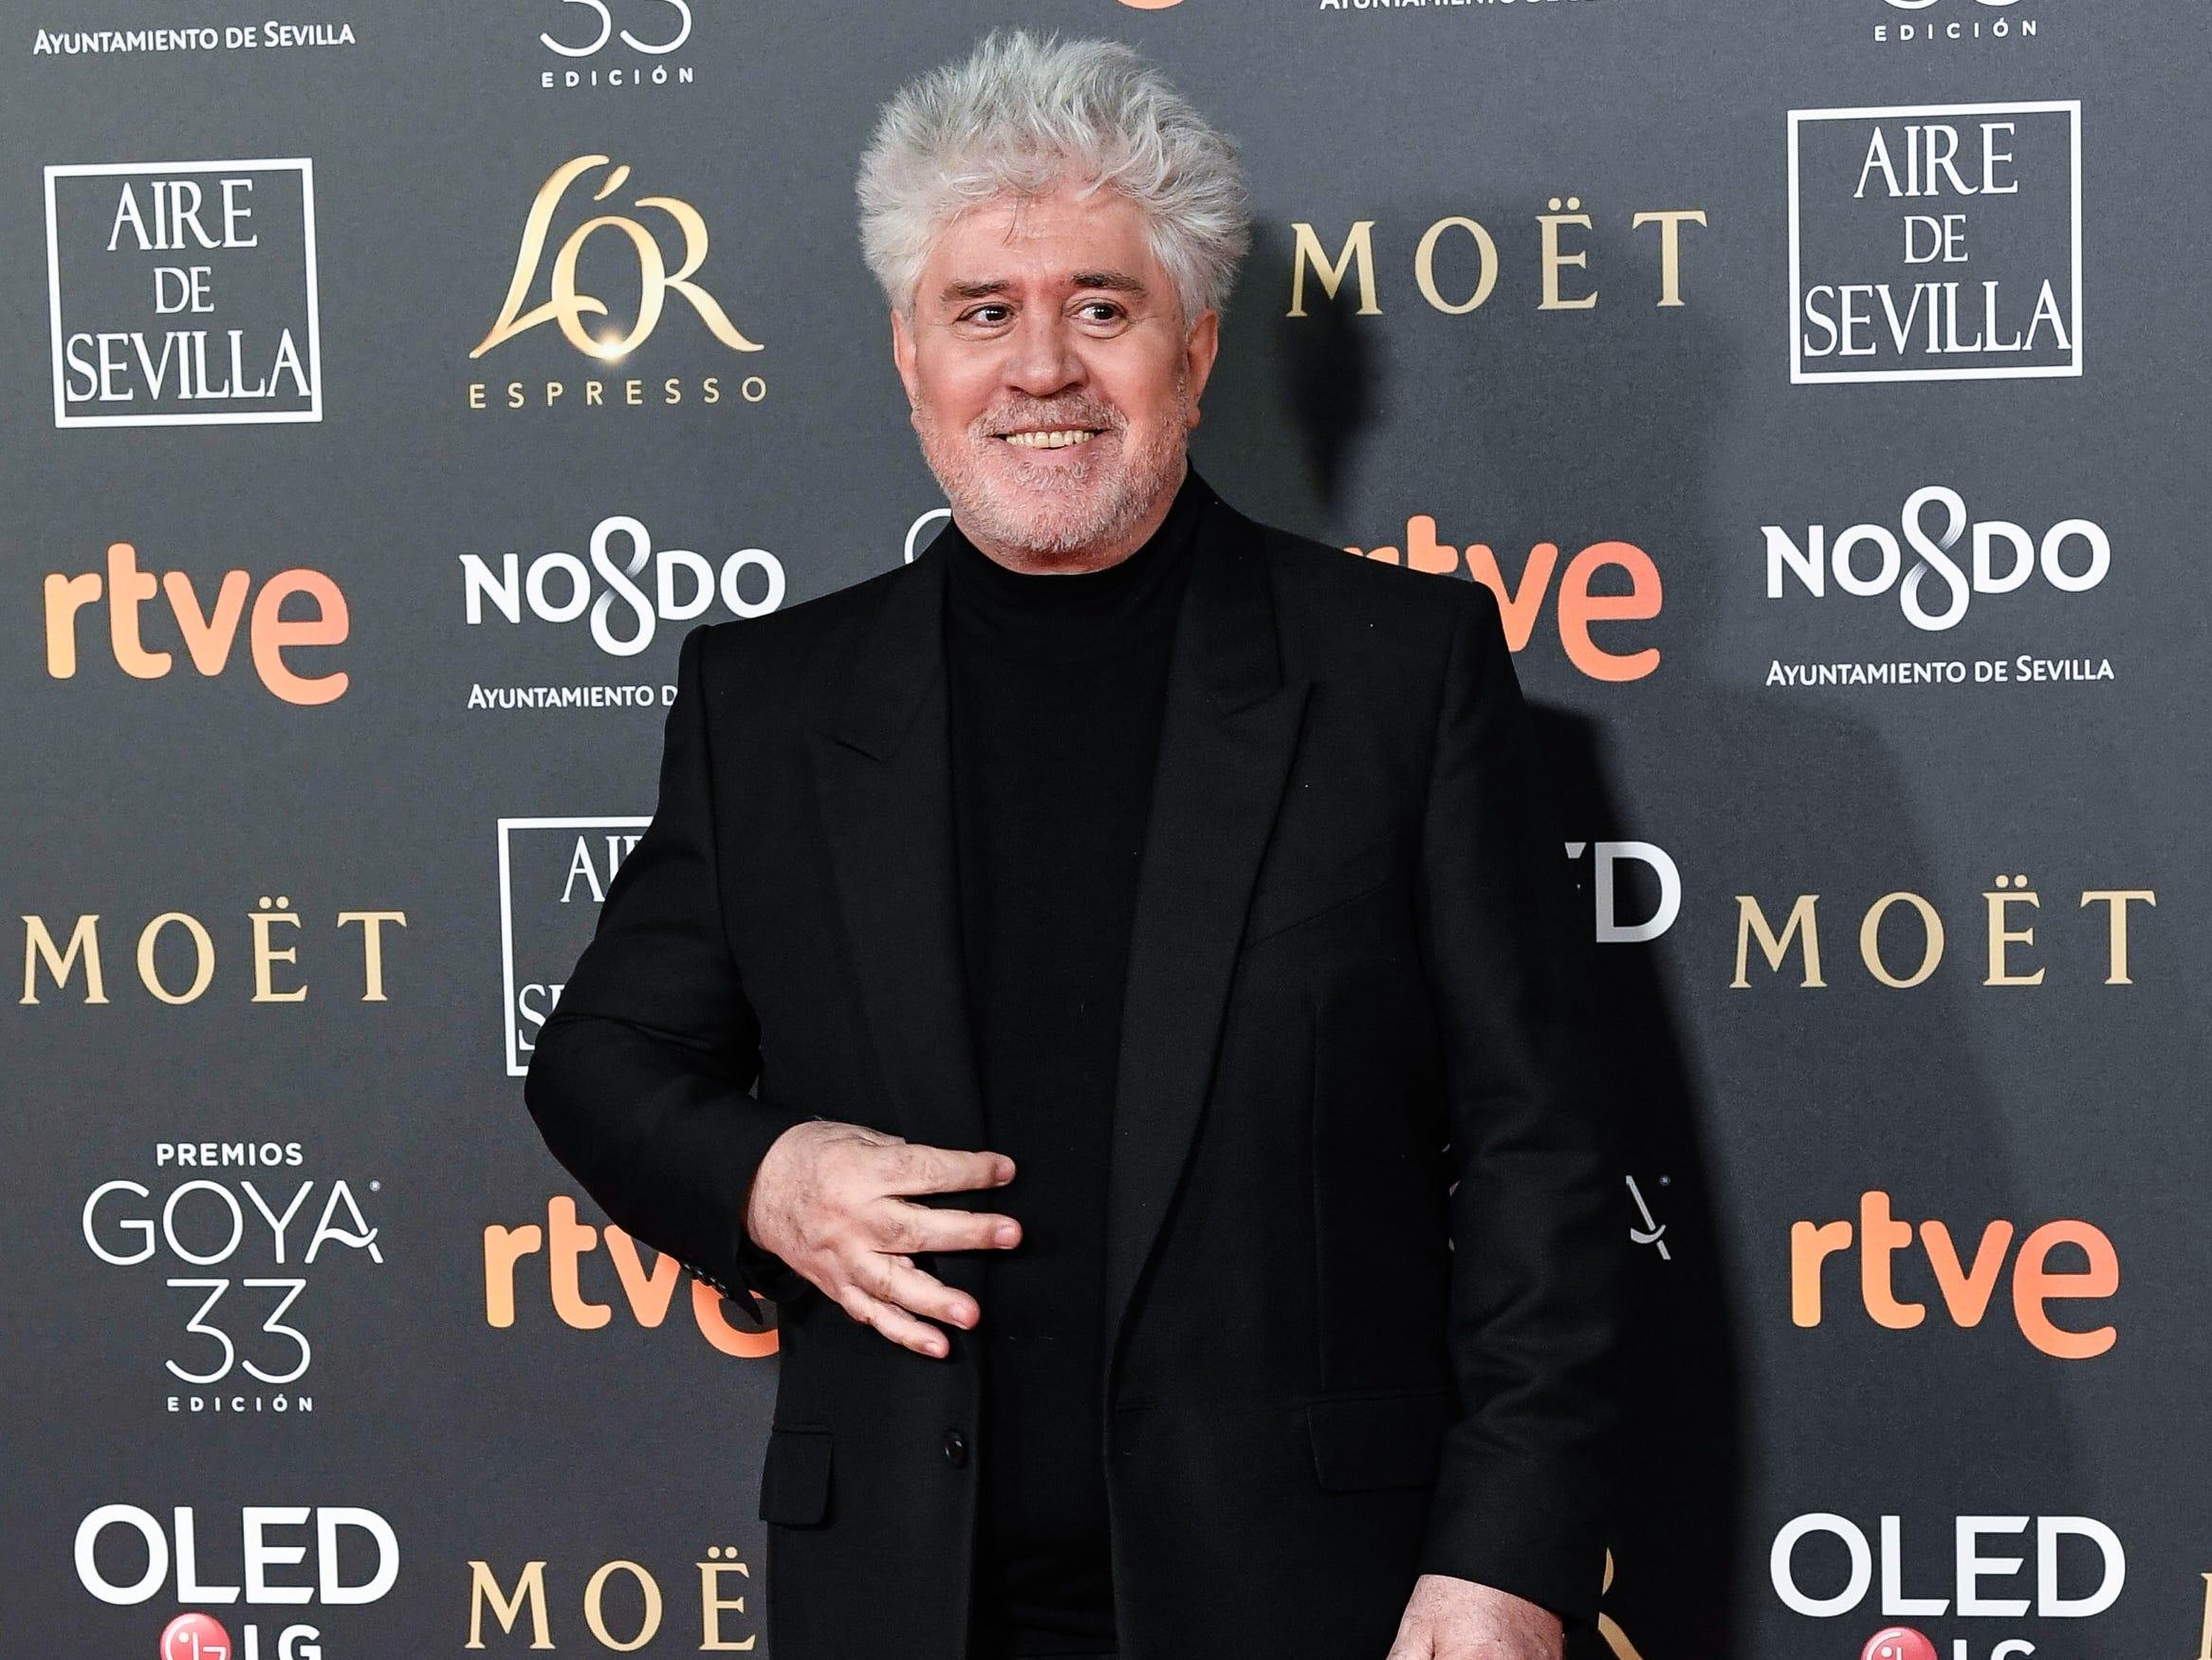 Pedro Almodóvar asiste a la 33ª edición de los Premios de Cine Goya en el Palacio de Congresos y Exposiciones FIBES el 2 de febrero de 2019 en Sevilla, España.